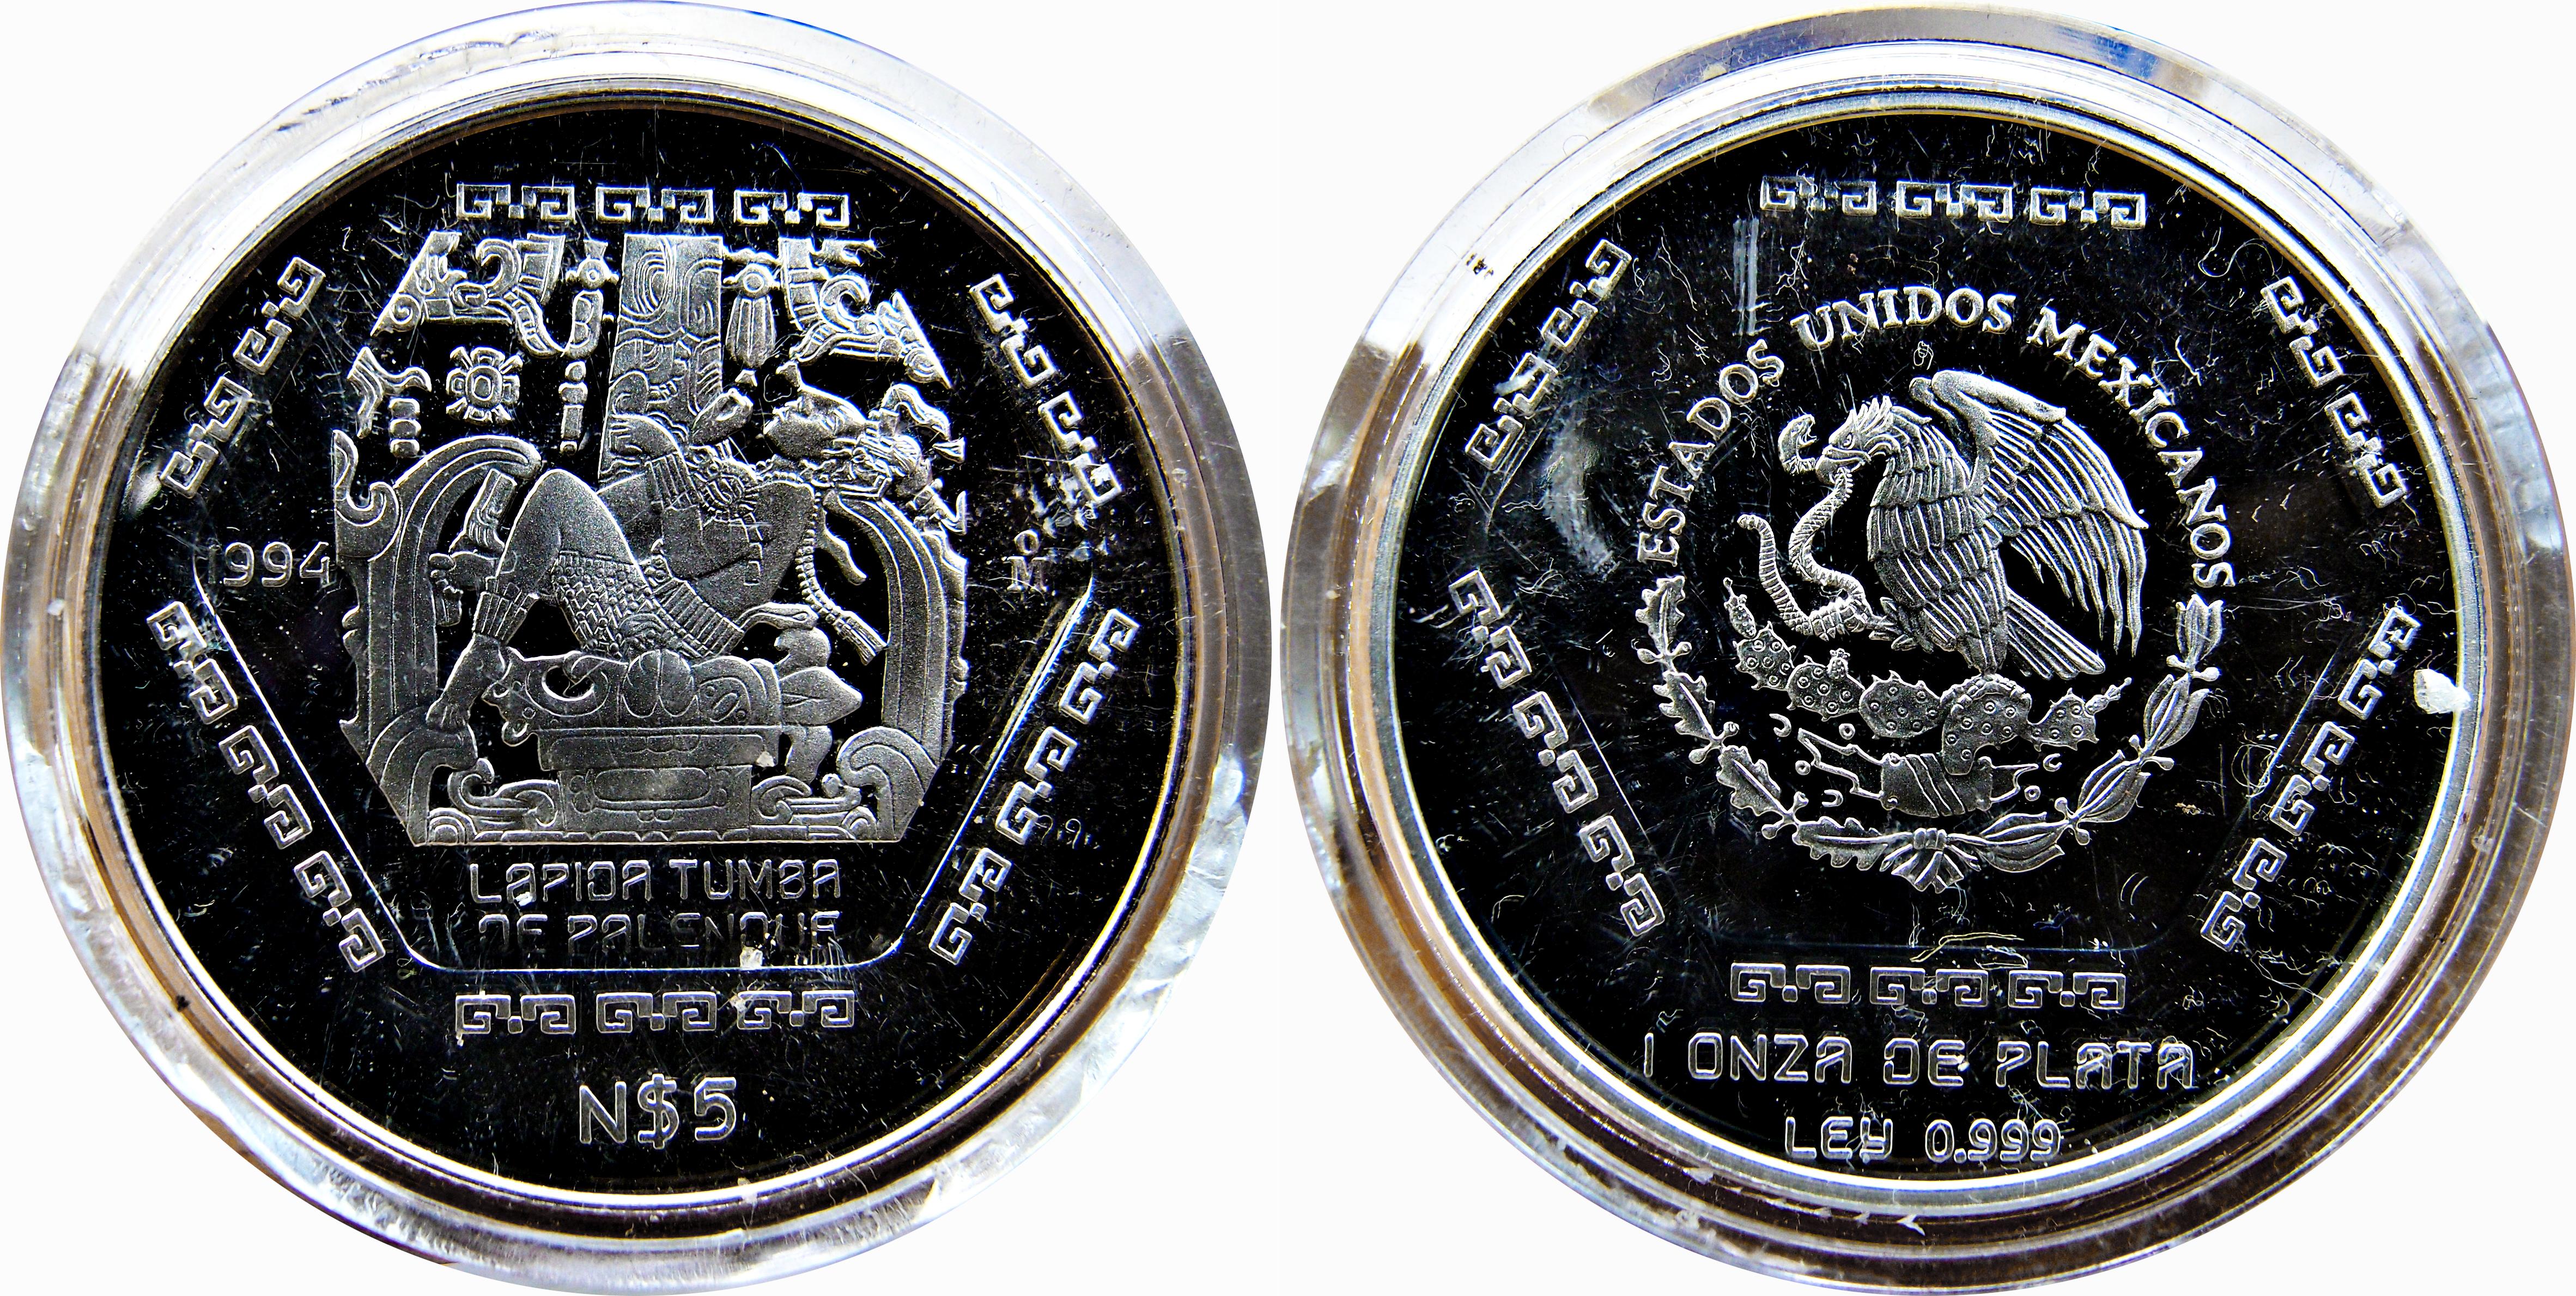 Colección Precolombina de onzas de plata del Banco de Mexico 12124014394_60bc5218f8_o